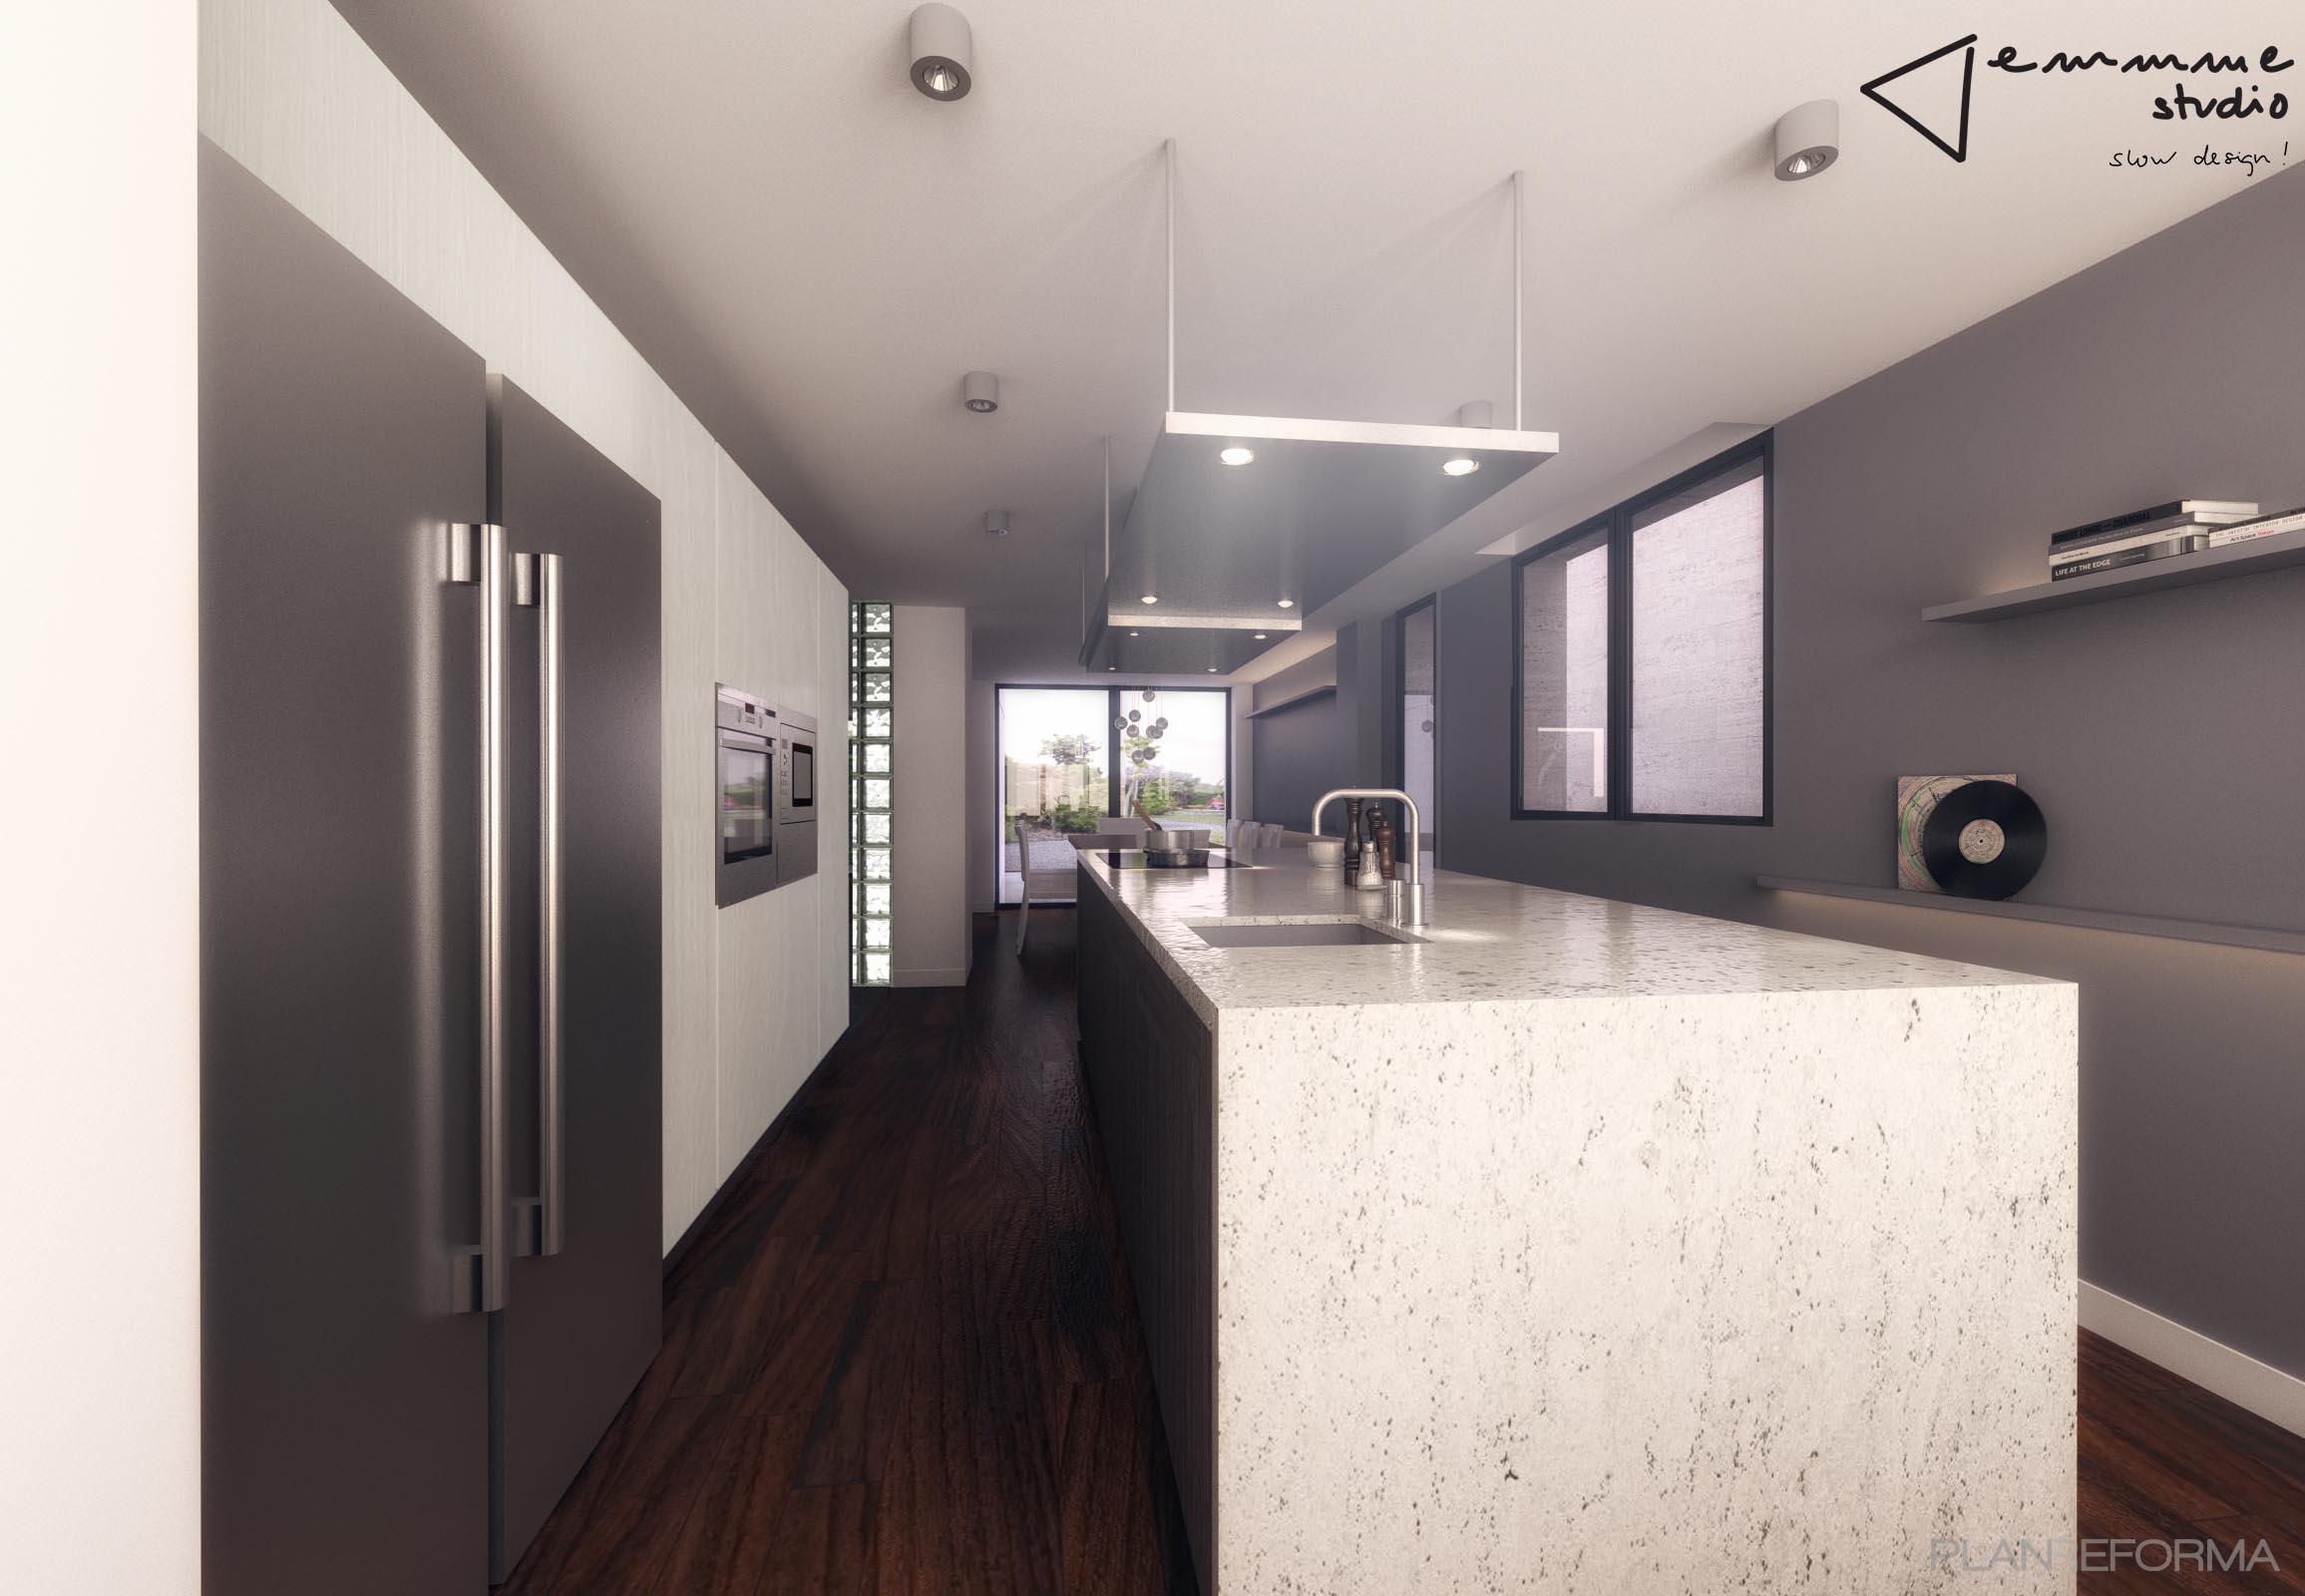 Comedor, Cocina Estilo moderno Color blanco, gris, gris  diseñado por emmme studio   Arquitecto   Copyright emmme studio